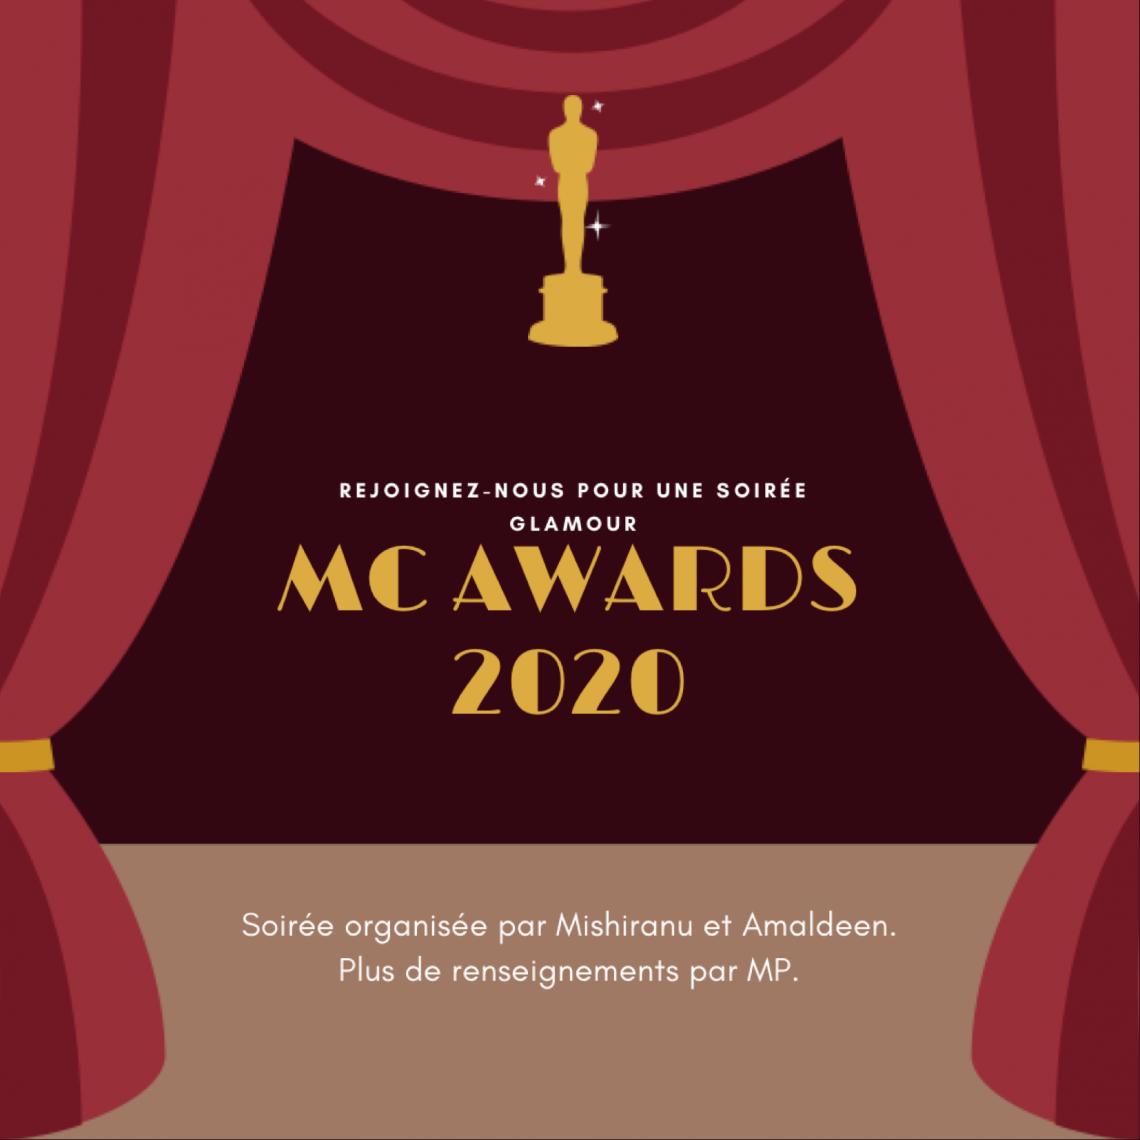 Potins : édition MC Awards 2020